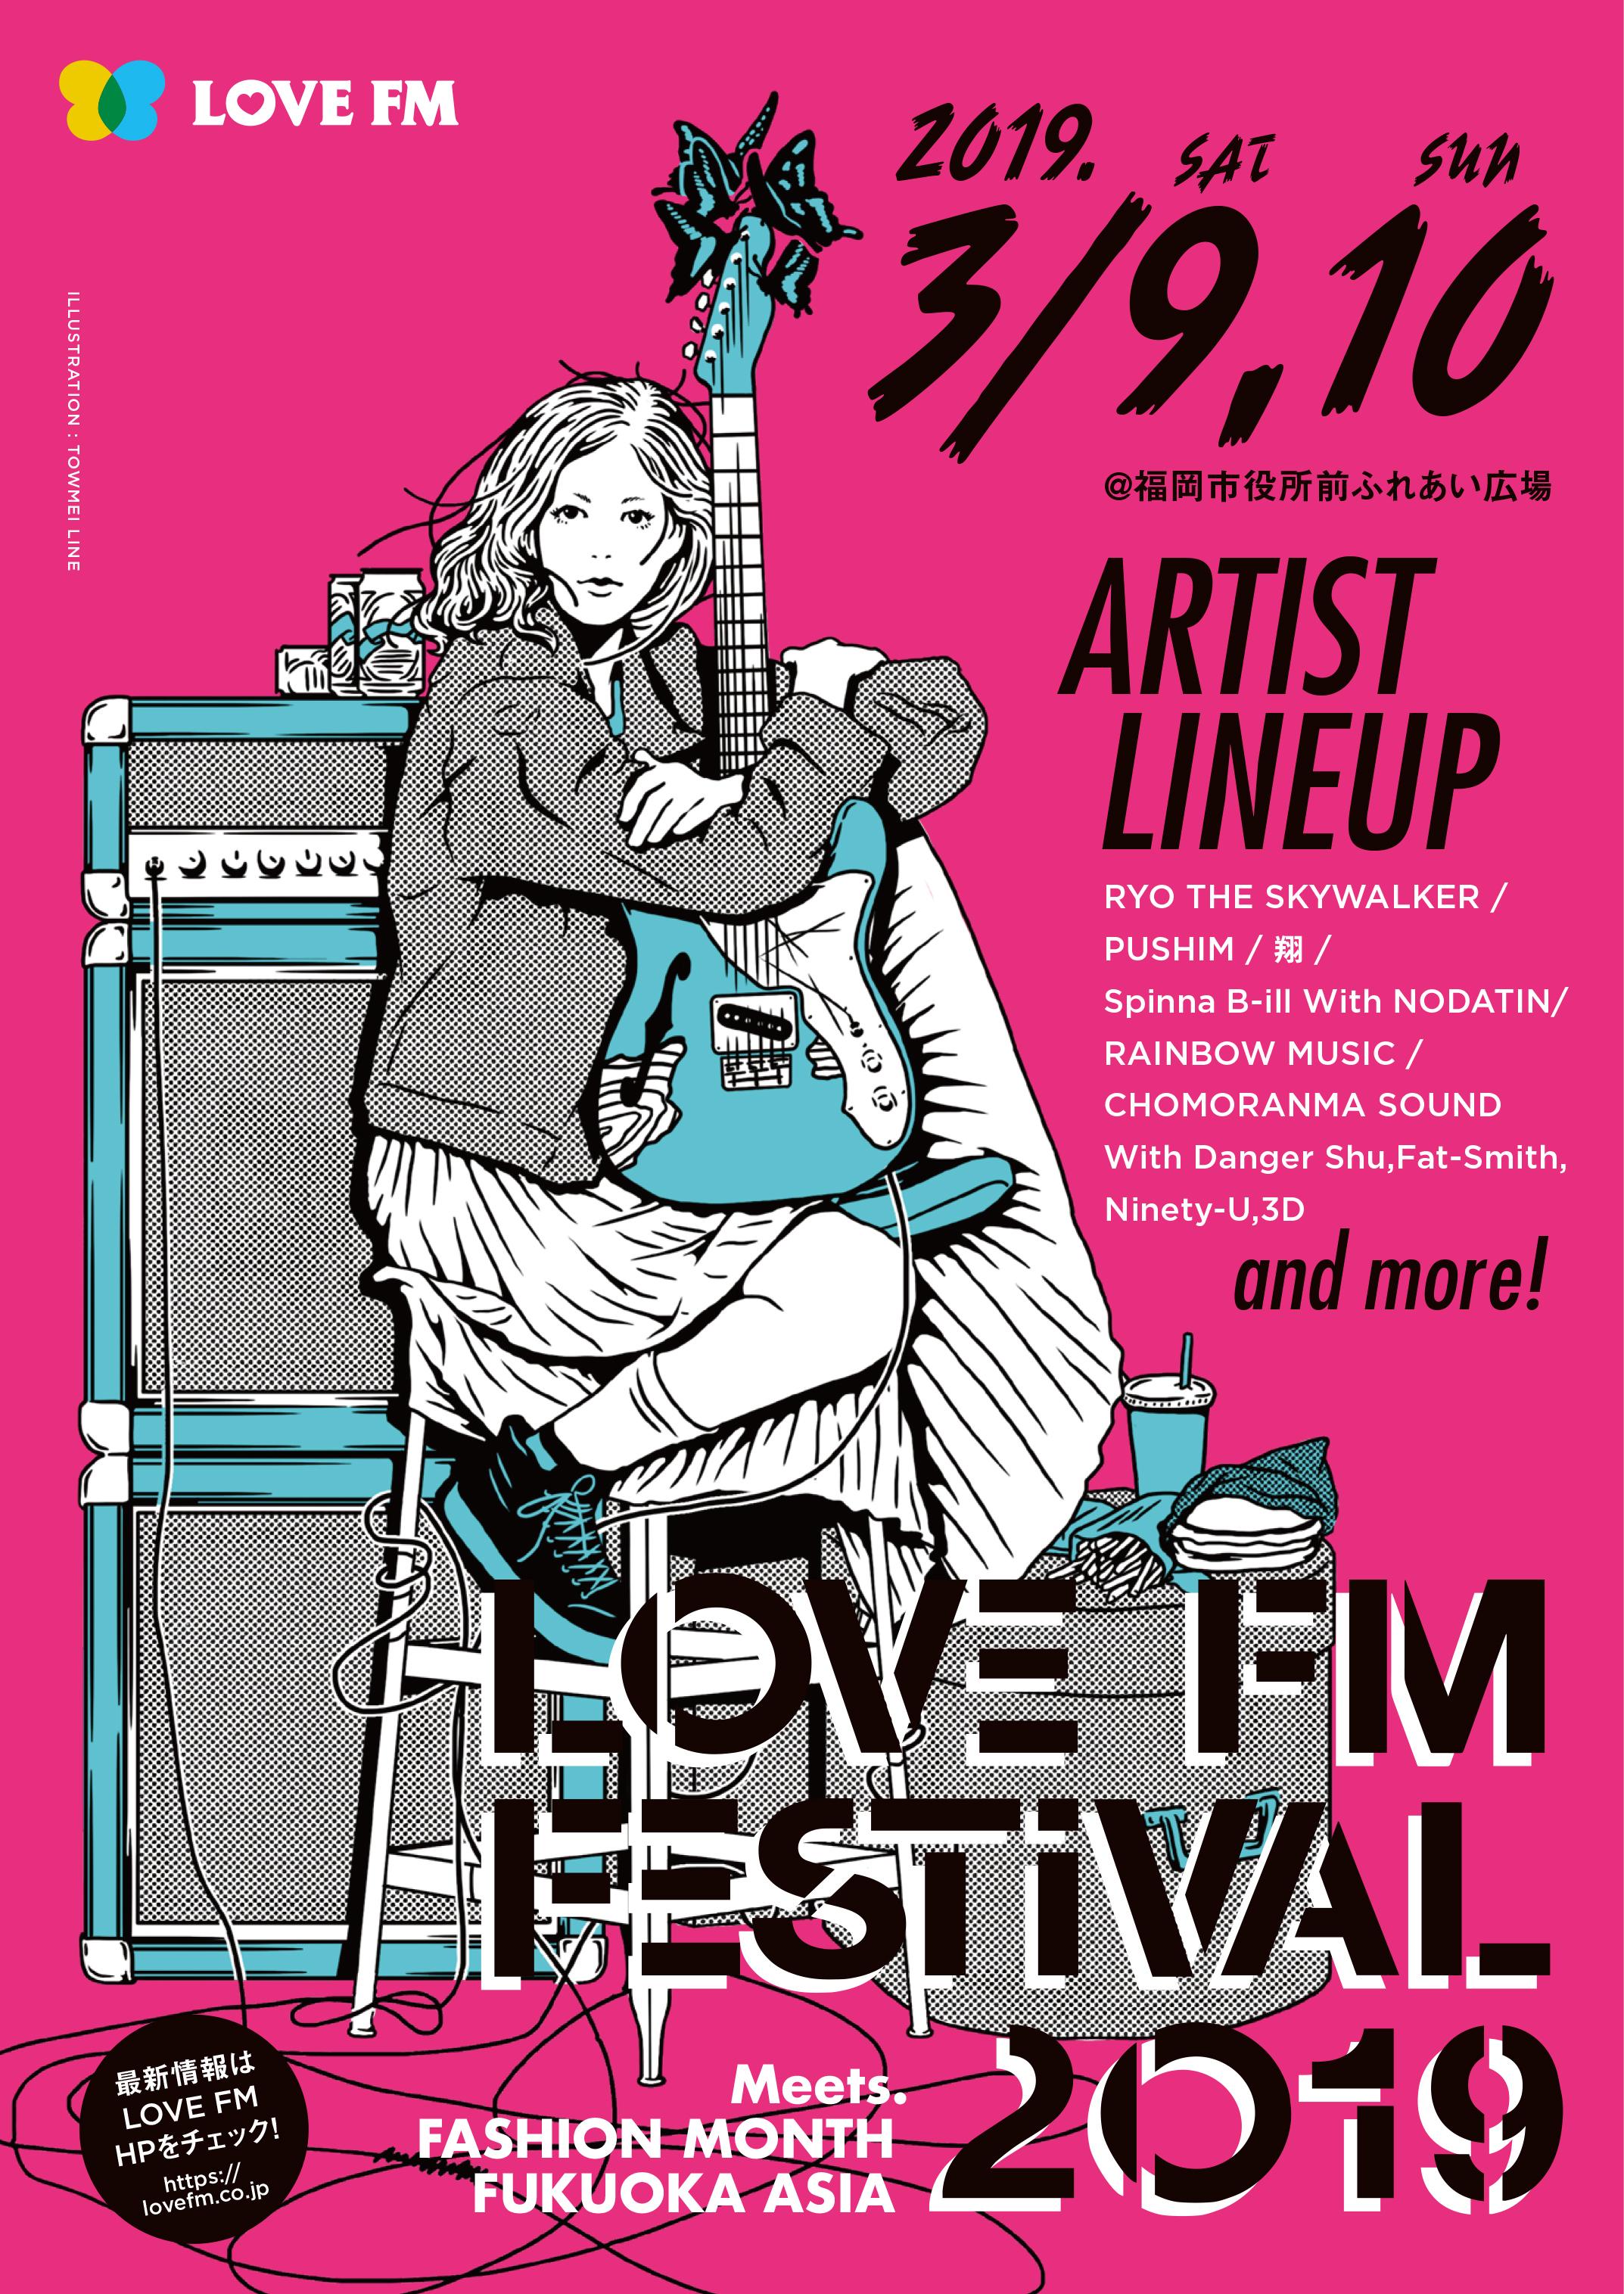 【実績紹介】透明回線が「LOVE FM FESTIVAL 2019」メインビジュアルデザインを手がけました/